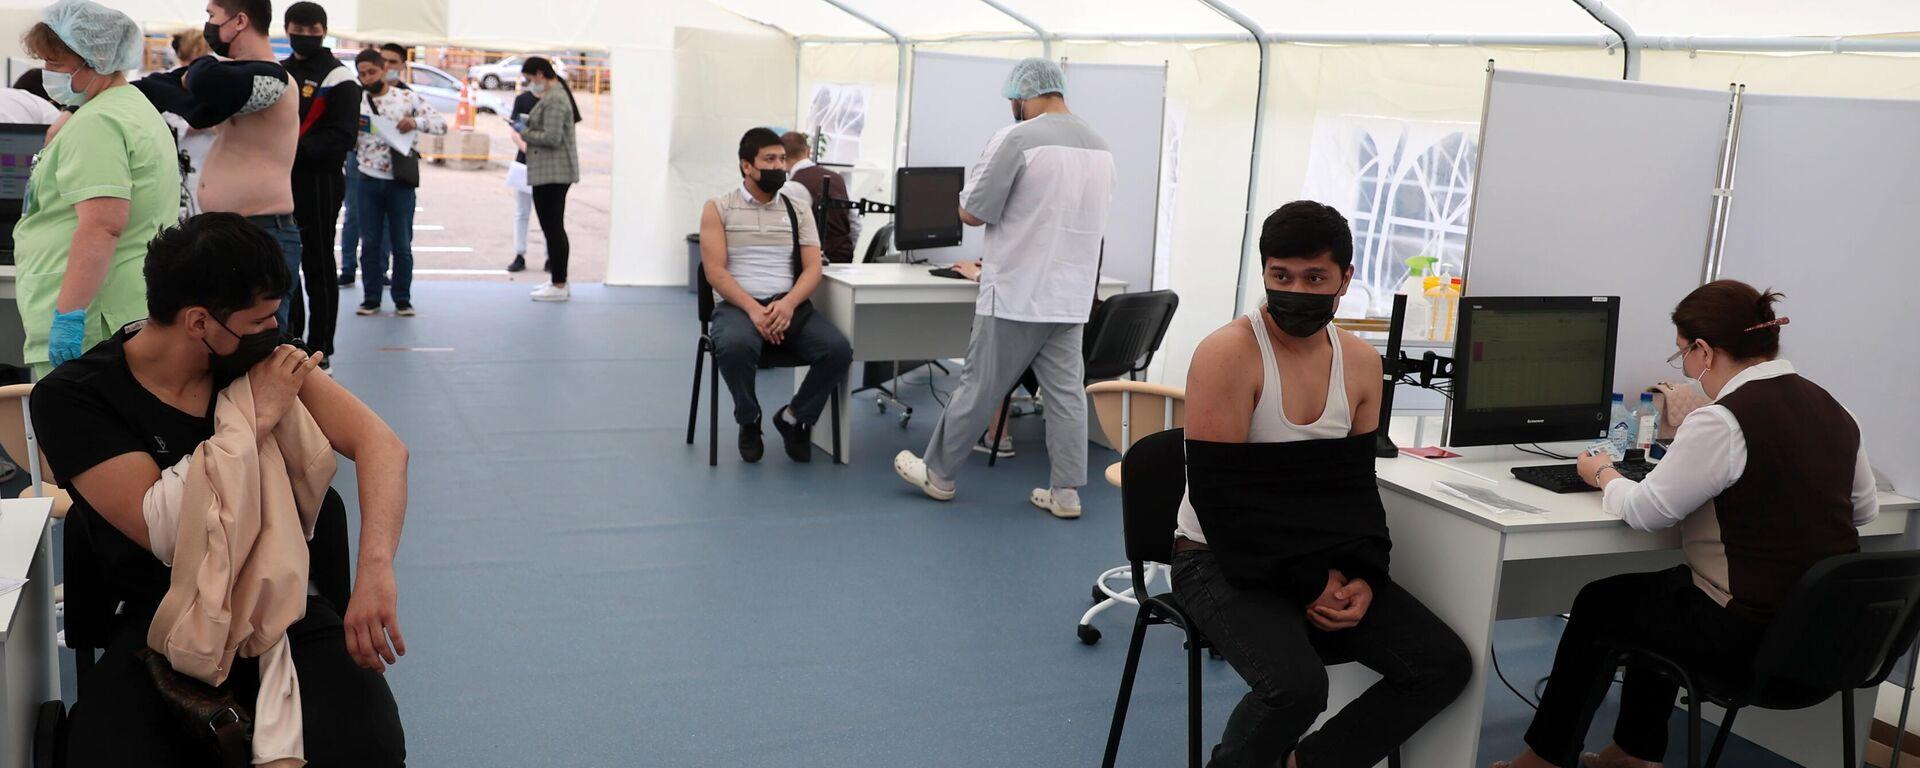 Вакцинация мигрантов от COVID-19 на территории ТЦ Садовод - Sputnik Таджикистан, 1920, 03.08.2021